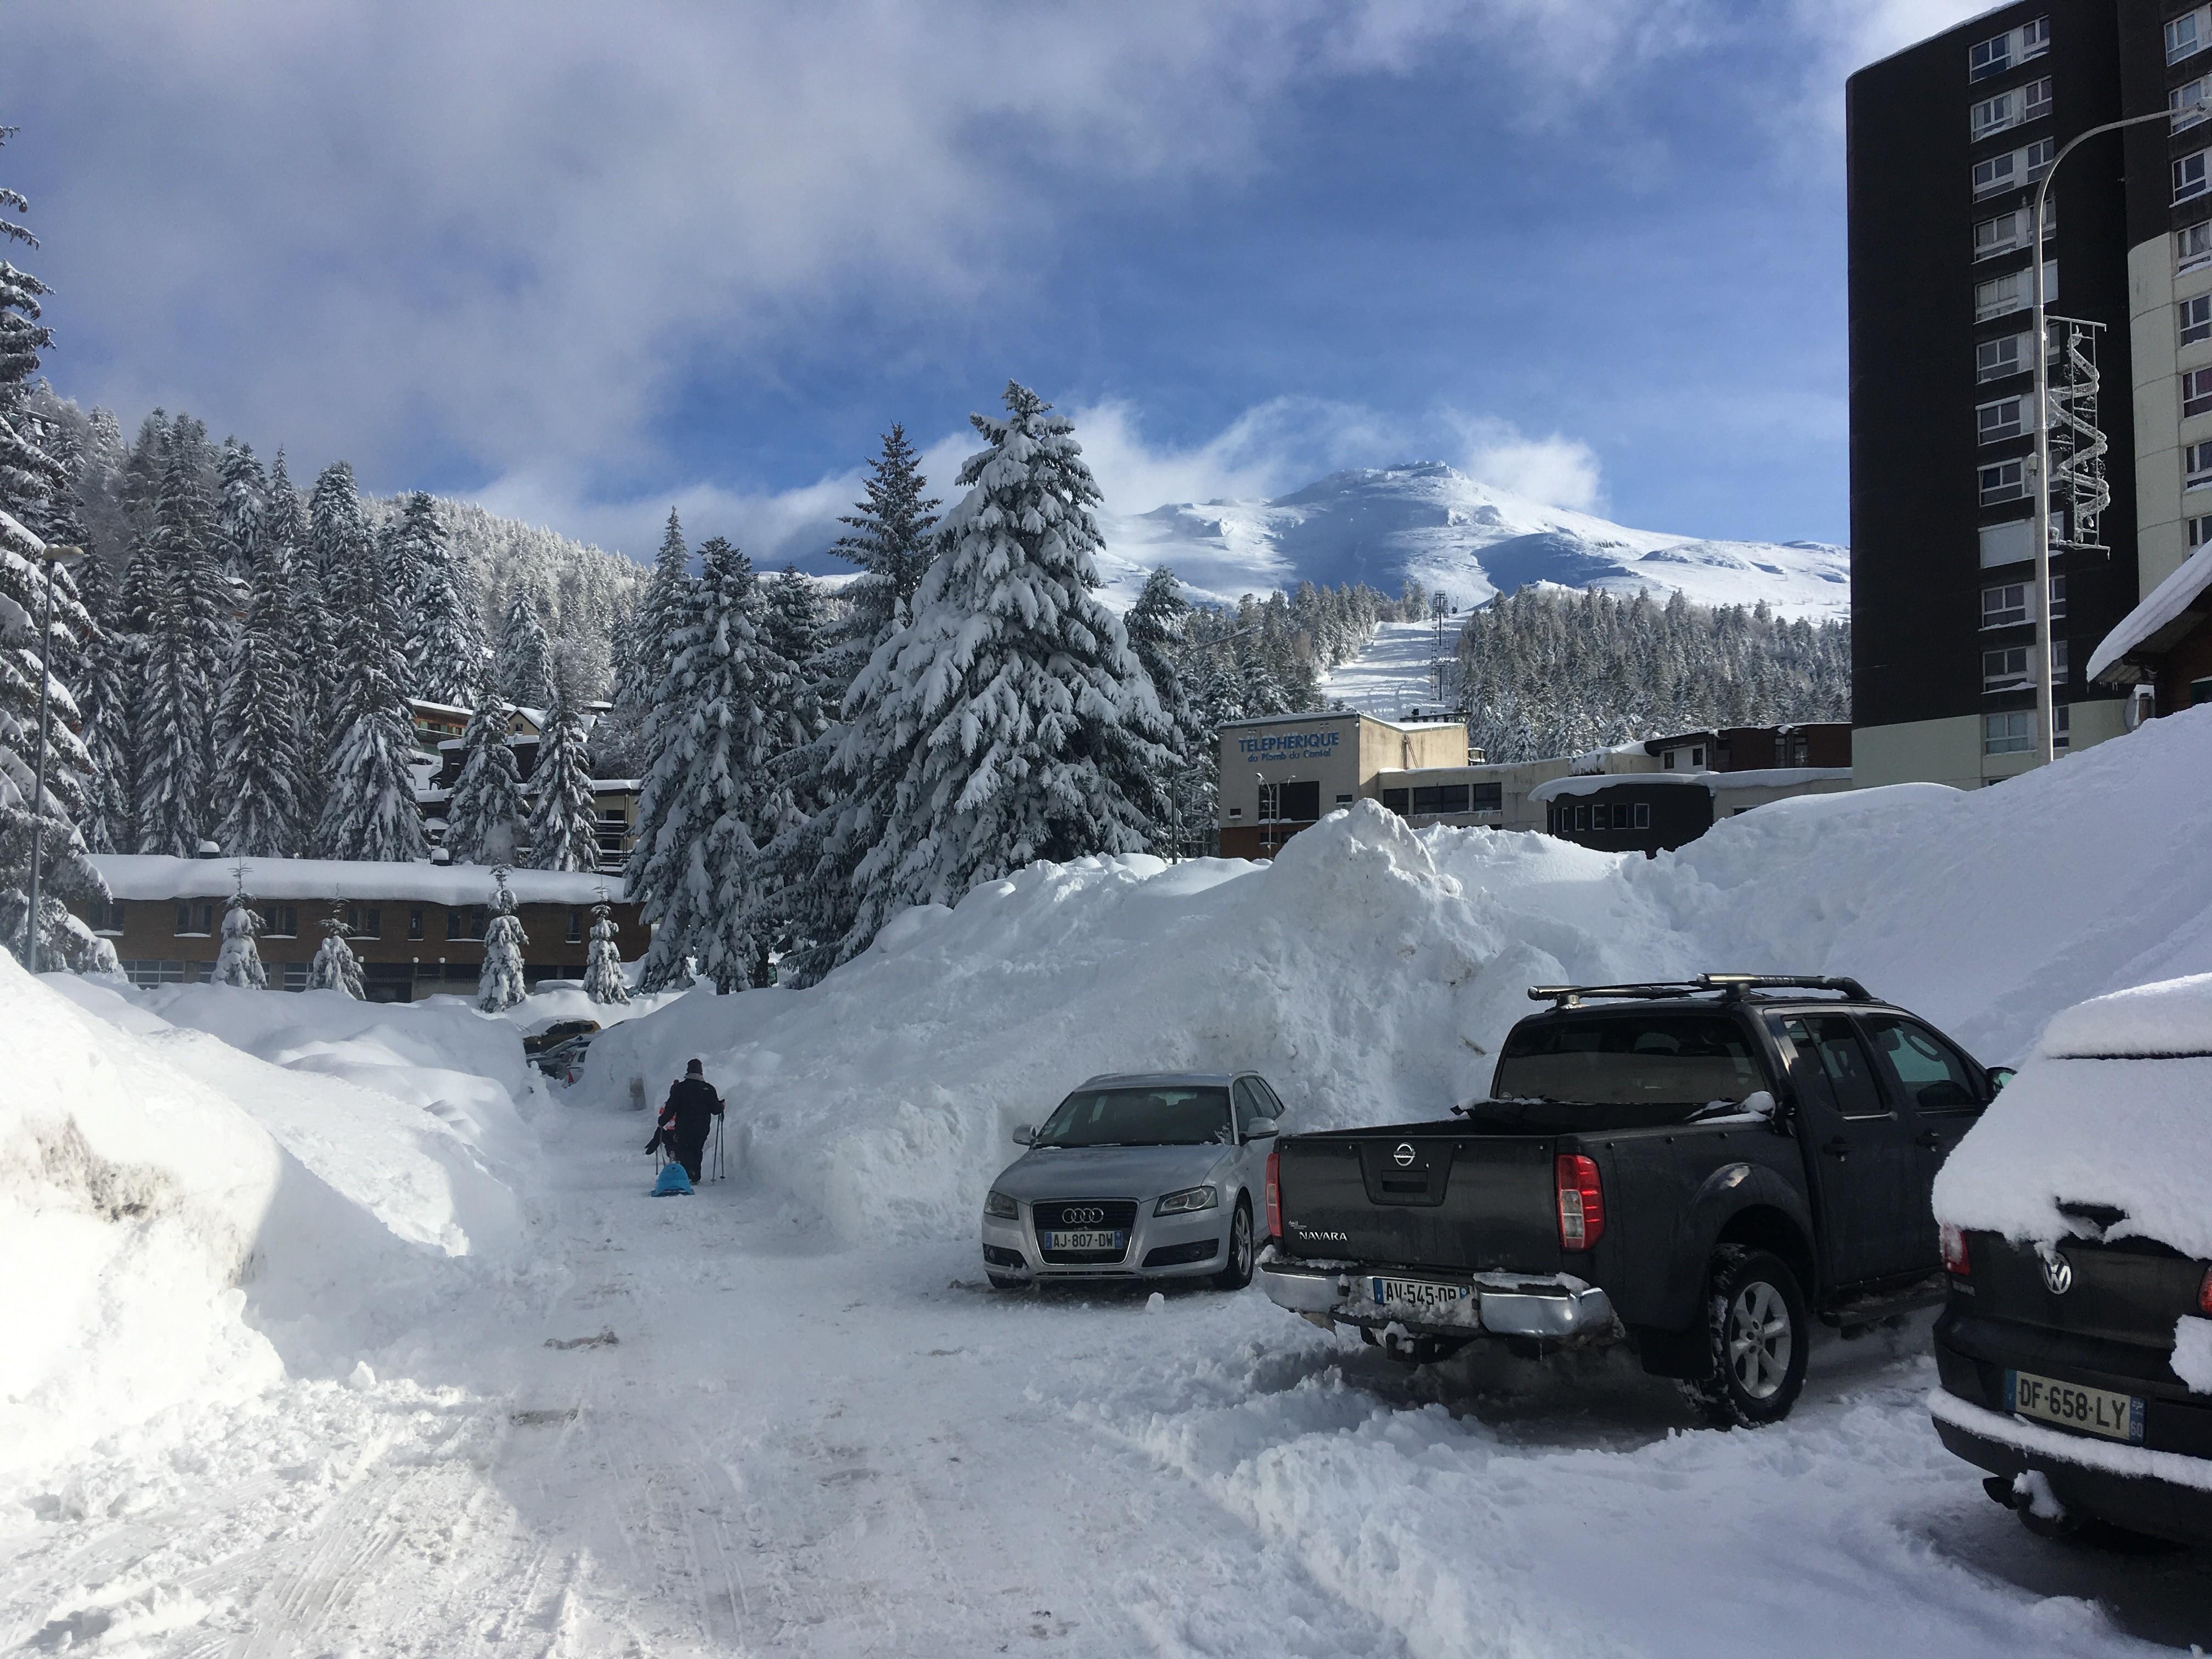 1320 hauteur d neige par rapport aux piétons et aux autos